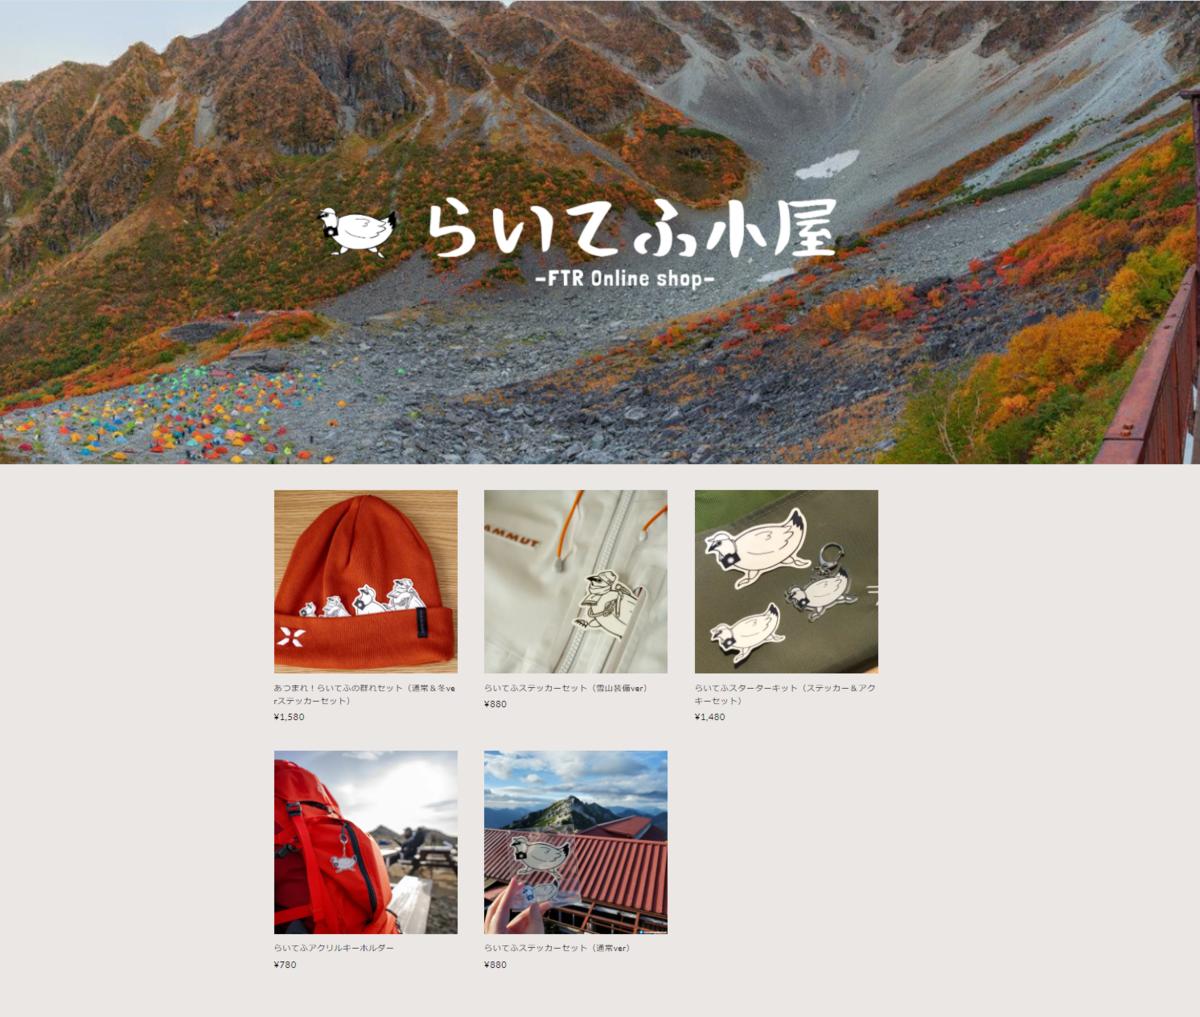 f:id:Kyo_Ichikawa:20201231112735p:plain